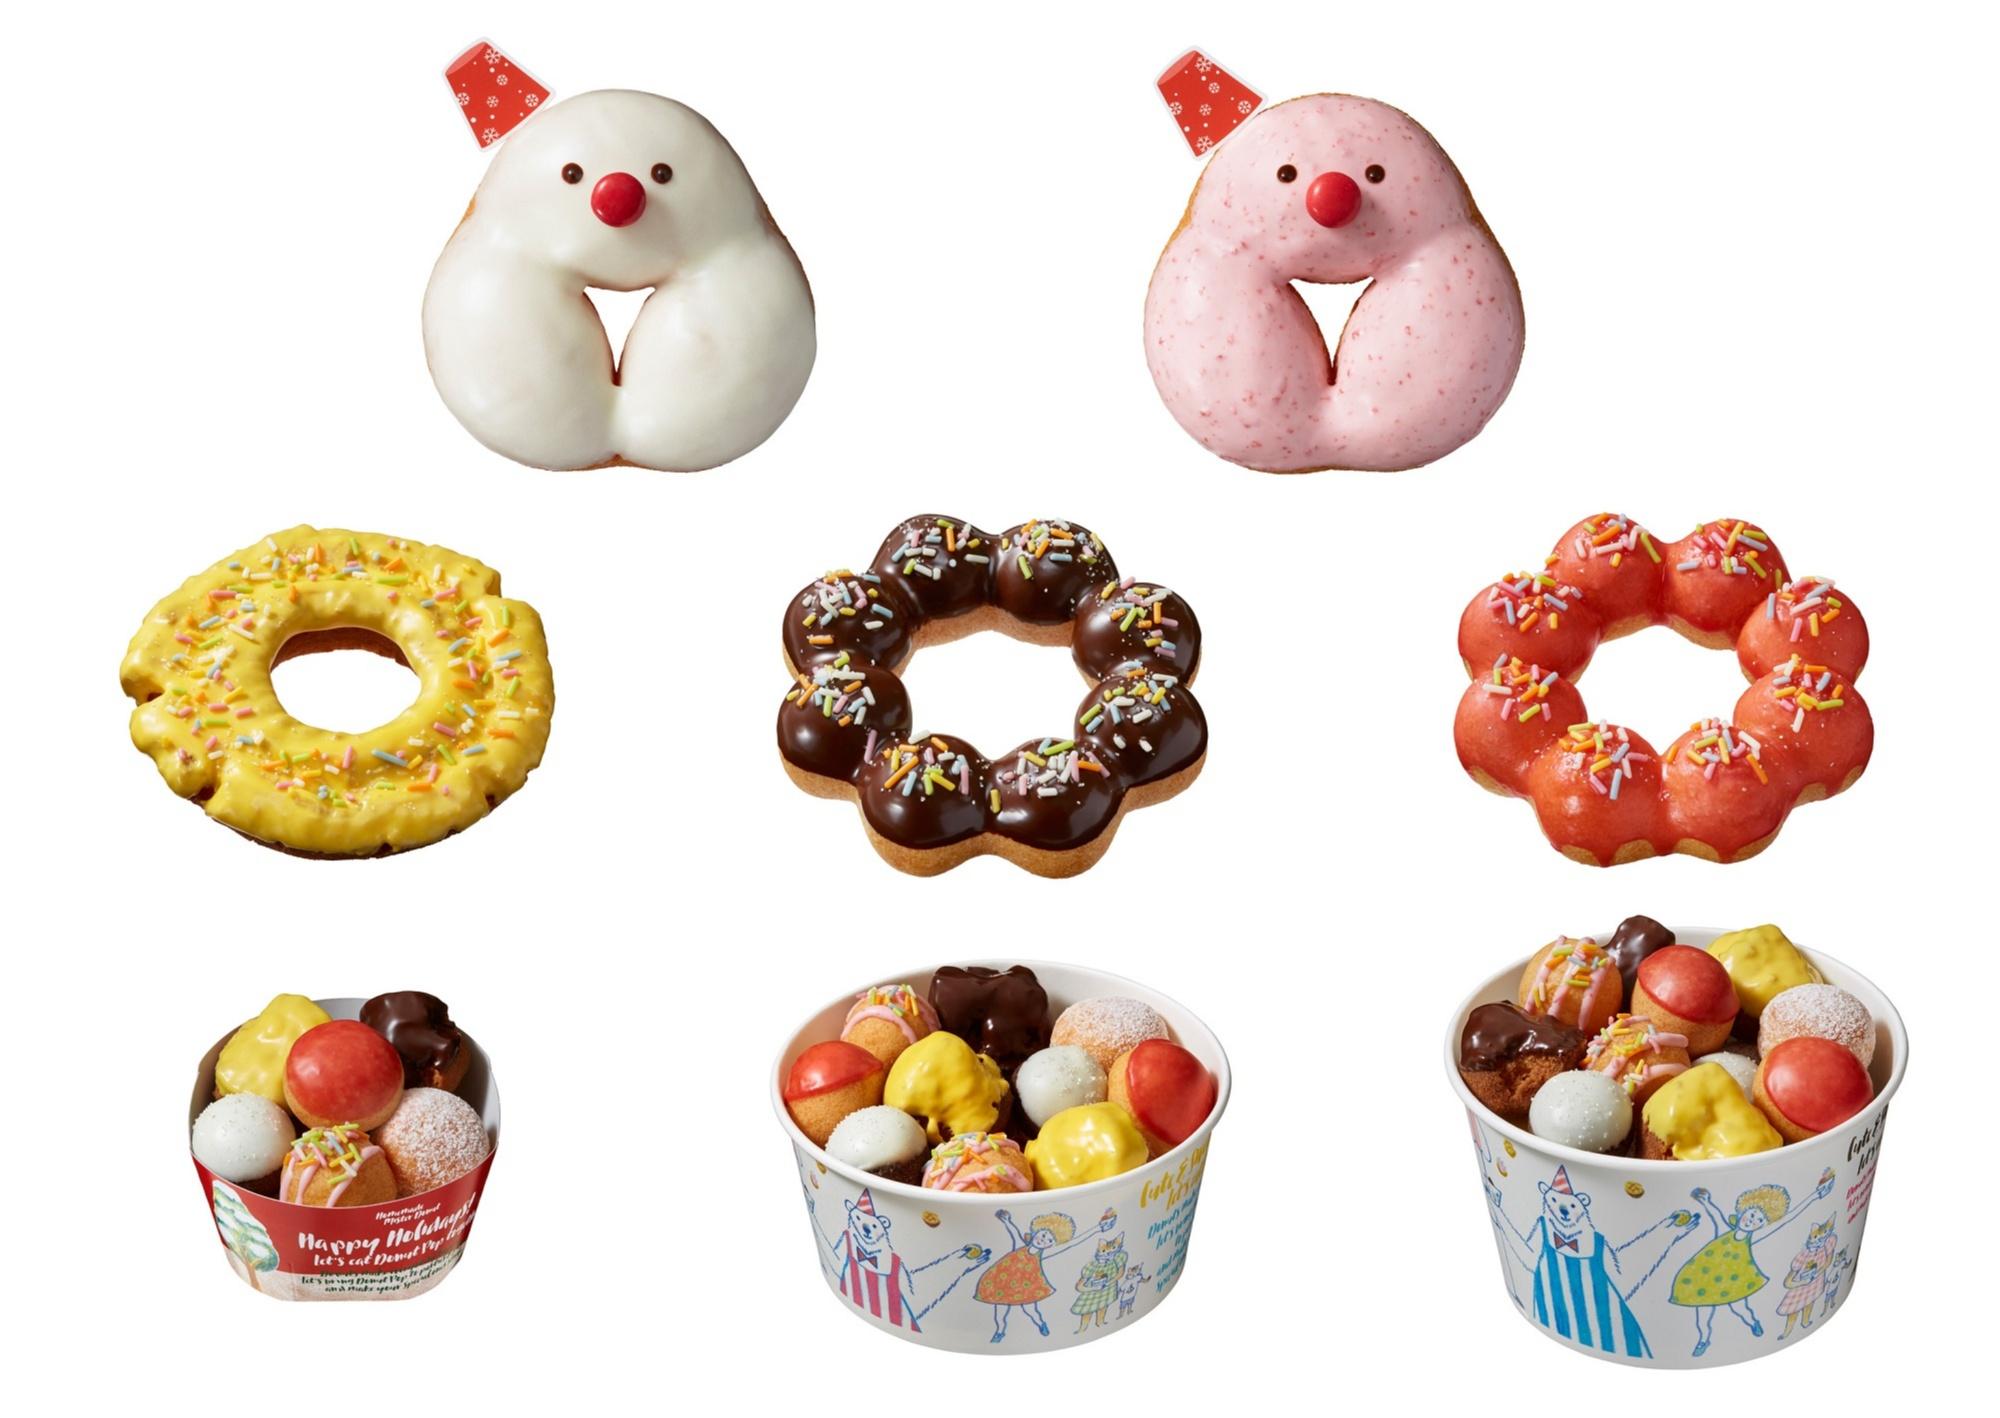 ミスドのクリスマスは『ポケモン』と一緒♡ 「ピカチュウ ドーナツ」が、可愛すぎて食べられない!_1